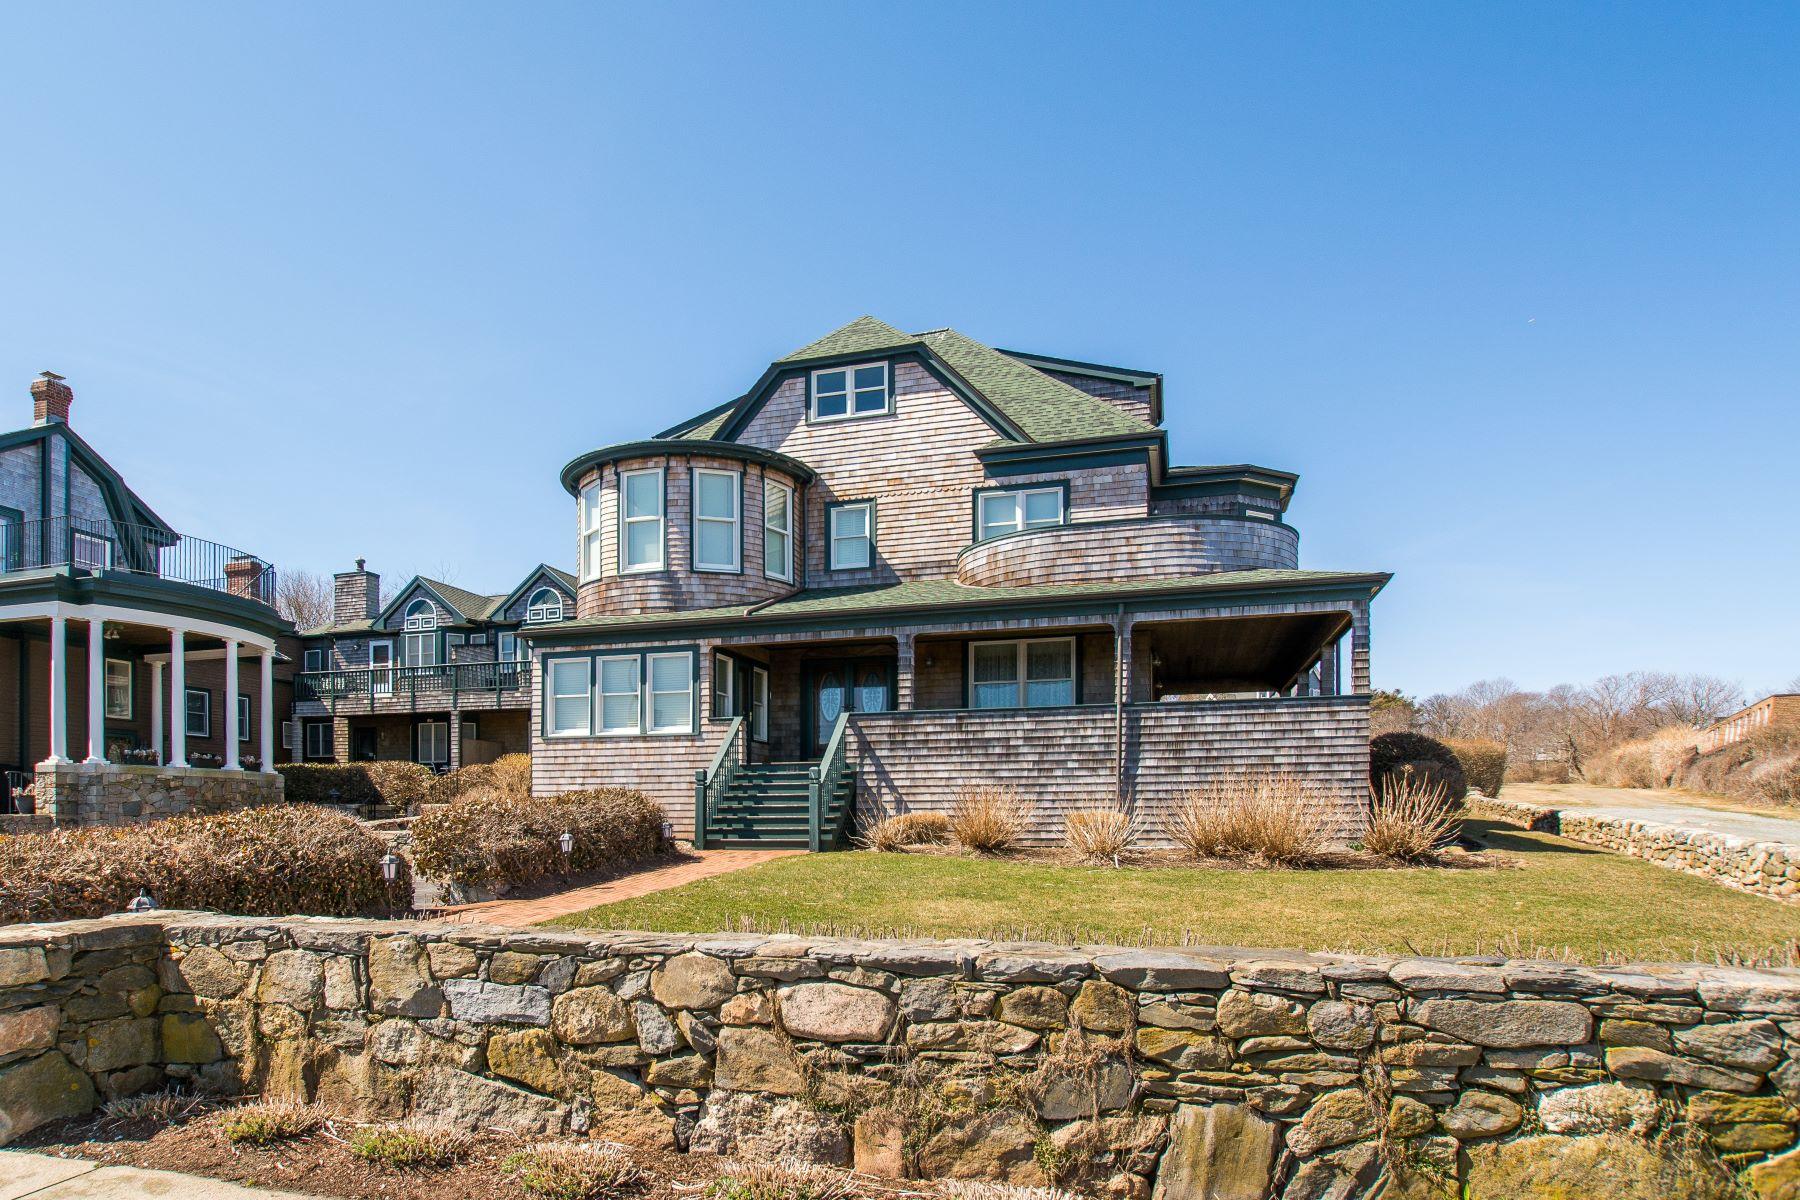 Πολυκατοικία ατομικής ιδιοκτησίας για την Πώληση στο 161 B Ocean Rd, #12, Narragansett, RI 161 B Ocean Rd 12, Narragansett, Ροουντ Αϊλαντ 02882 Ηνωμένες Πολιτείες